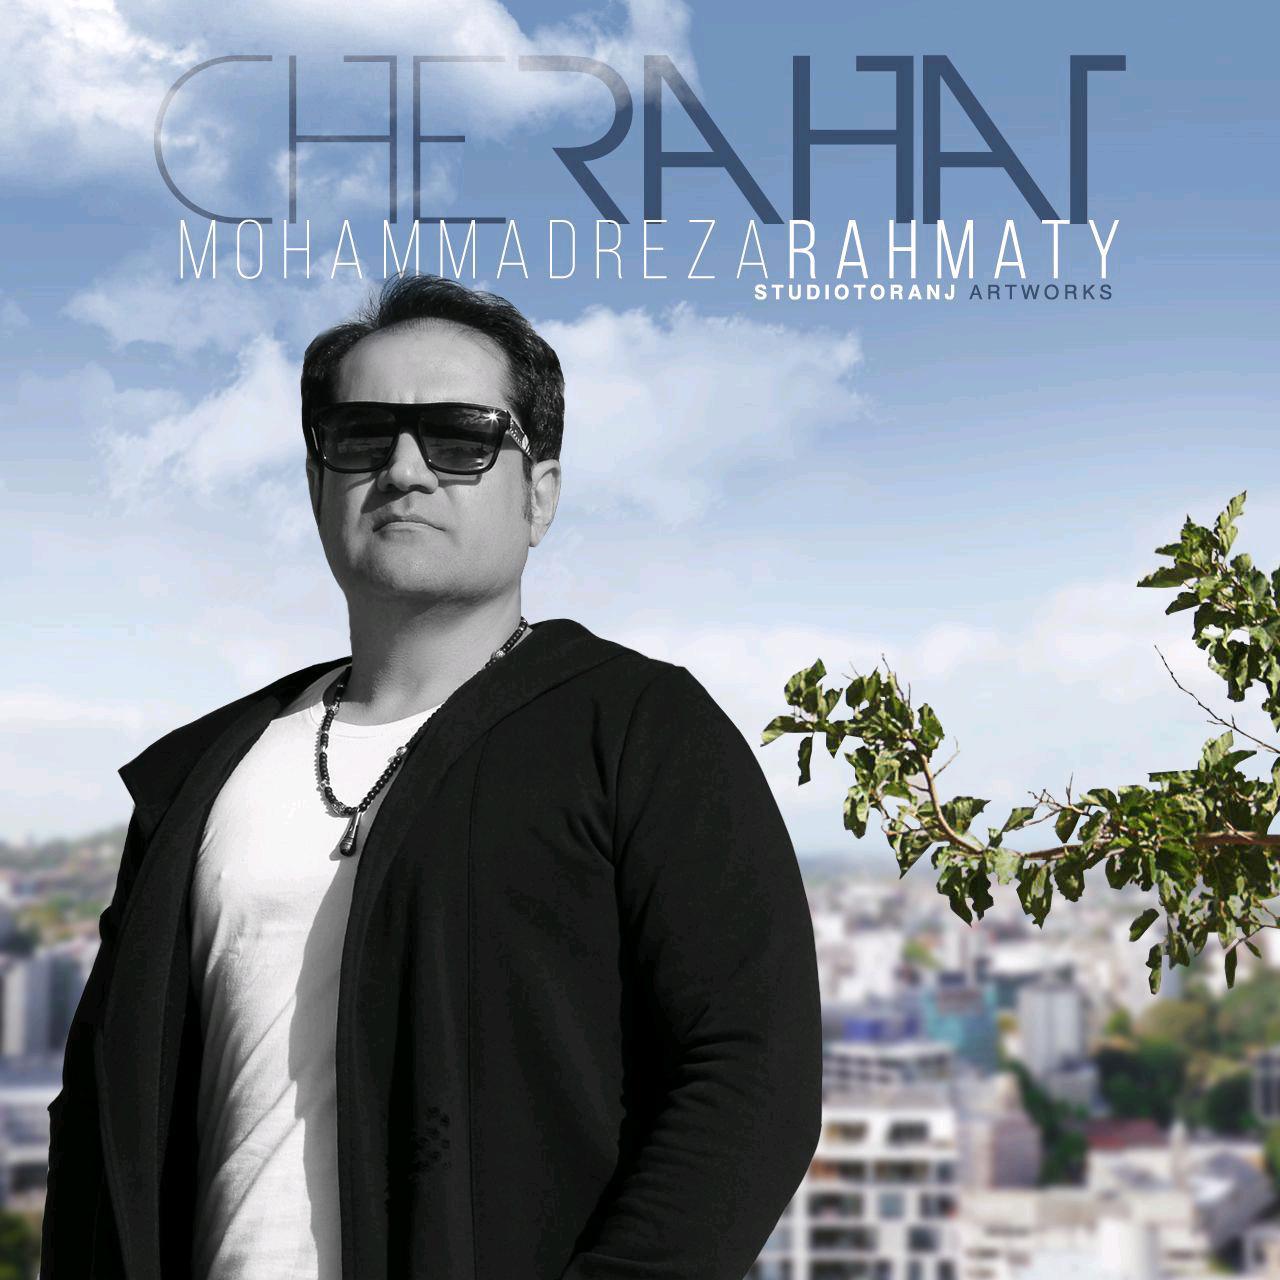 Mohammadreza Rahmati – Che Rahat